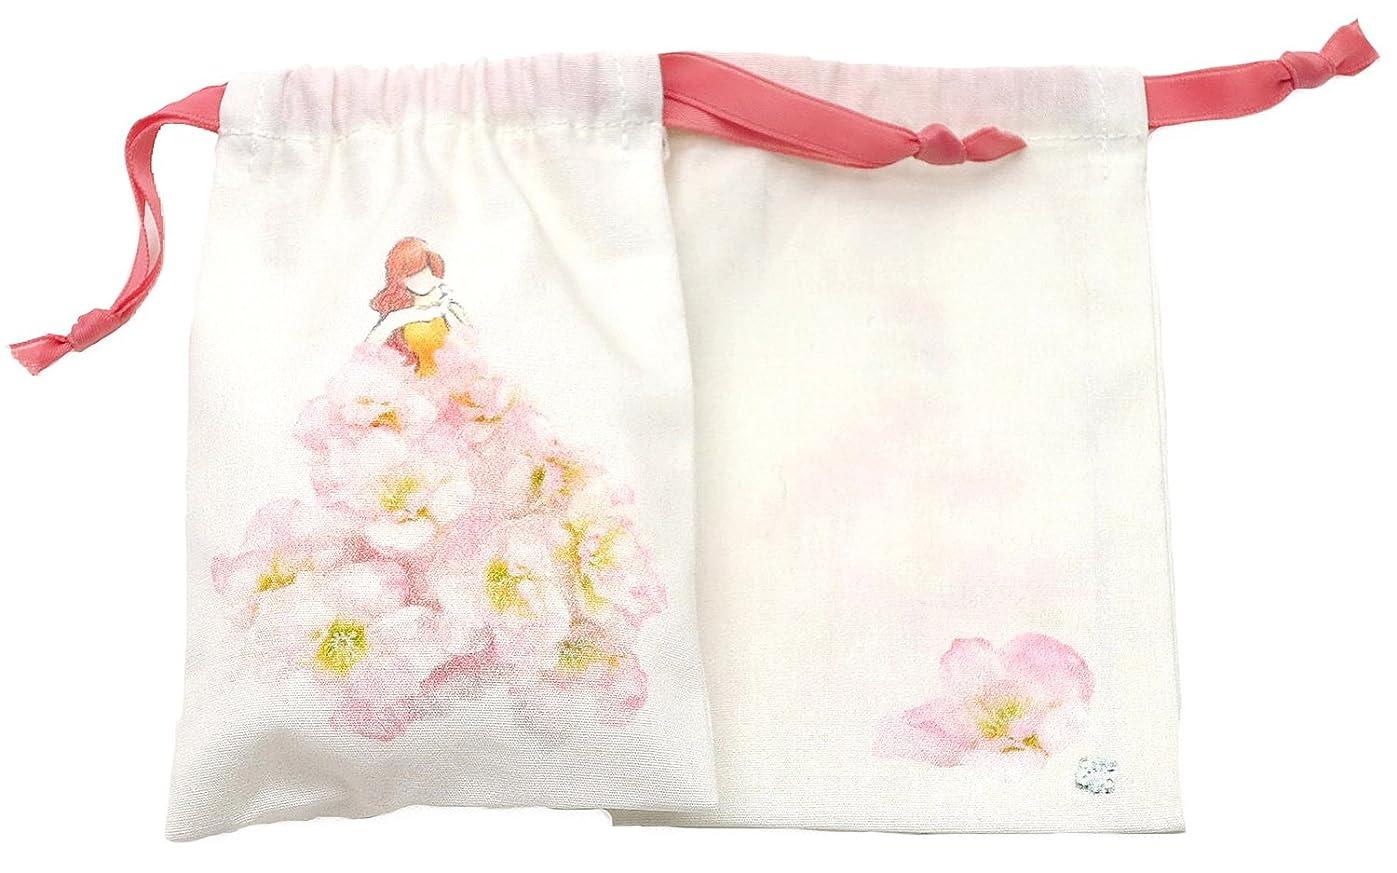 ファンタジー最愛の命令セ?ルポゼ サシェ(香り袋) ドレス ピンク ブロッサム 消臭 除湿 バイオ抗菌 日本製 IJS31-01-2